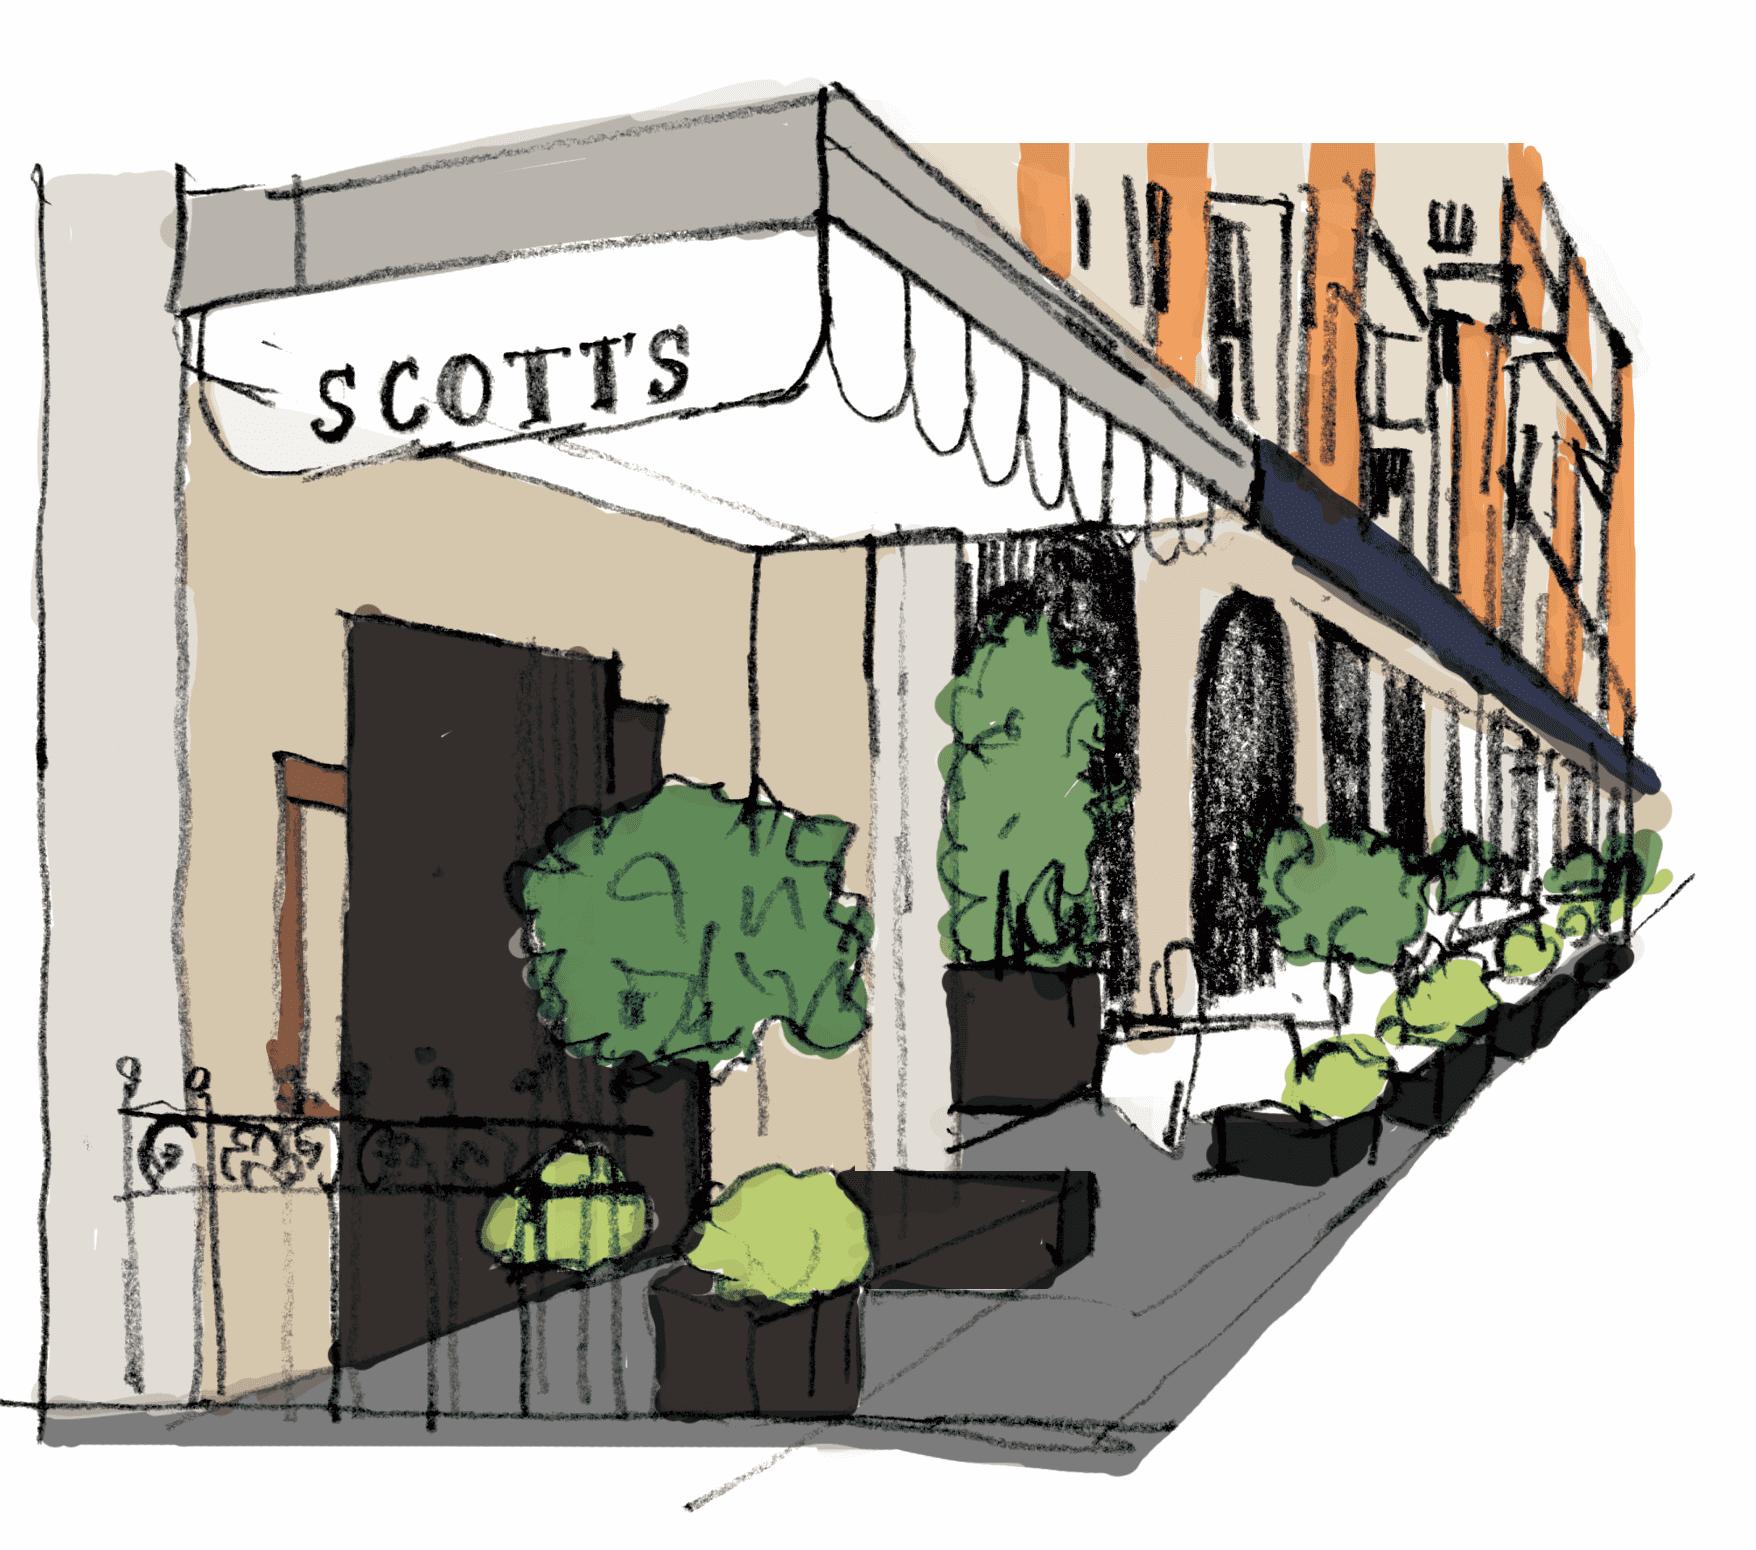 Scott's2